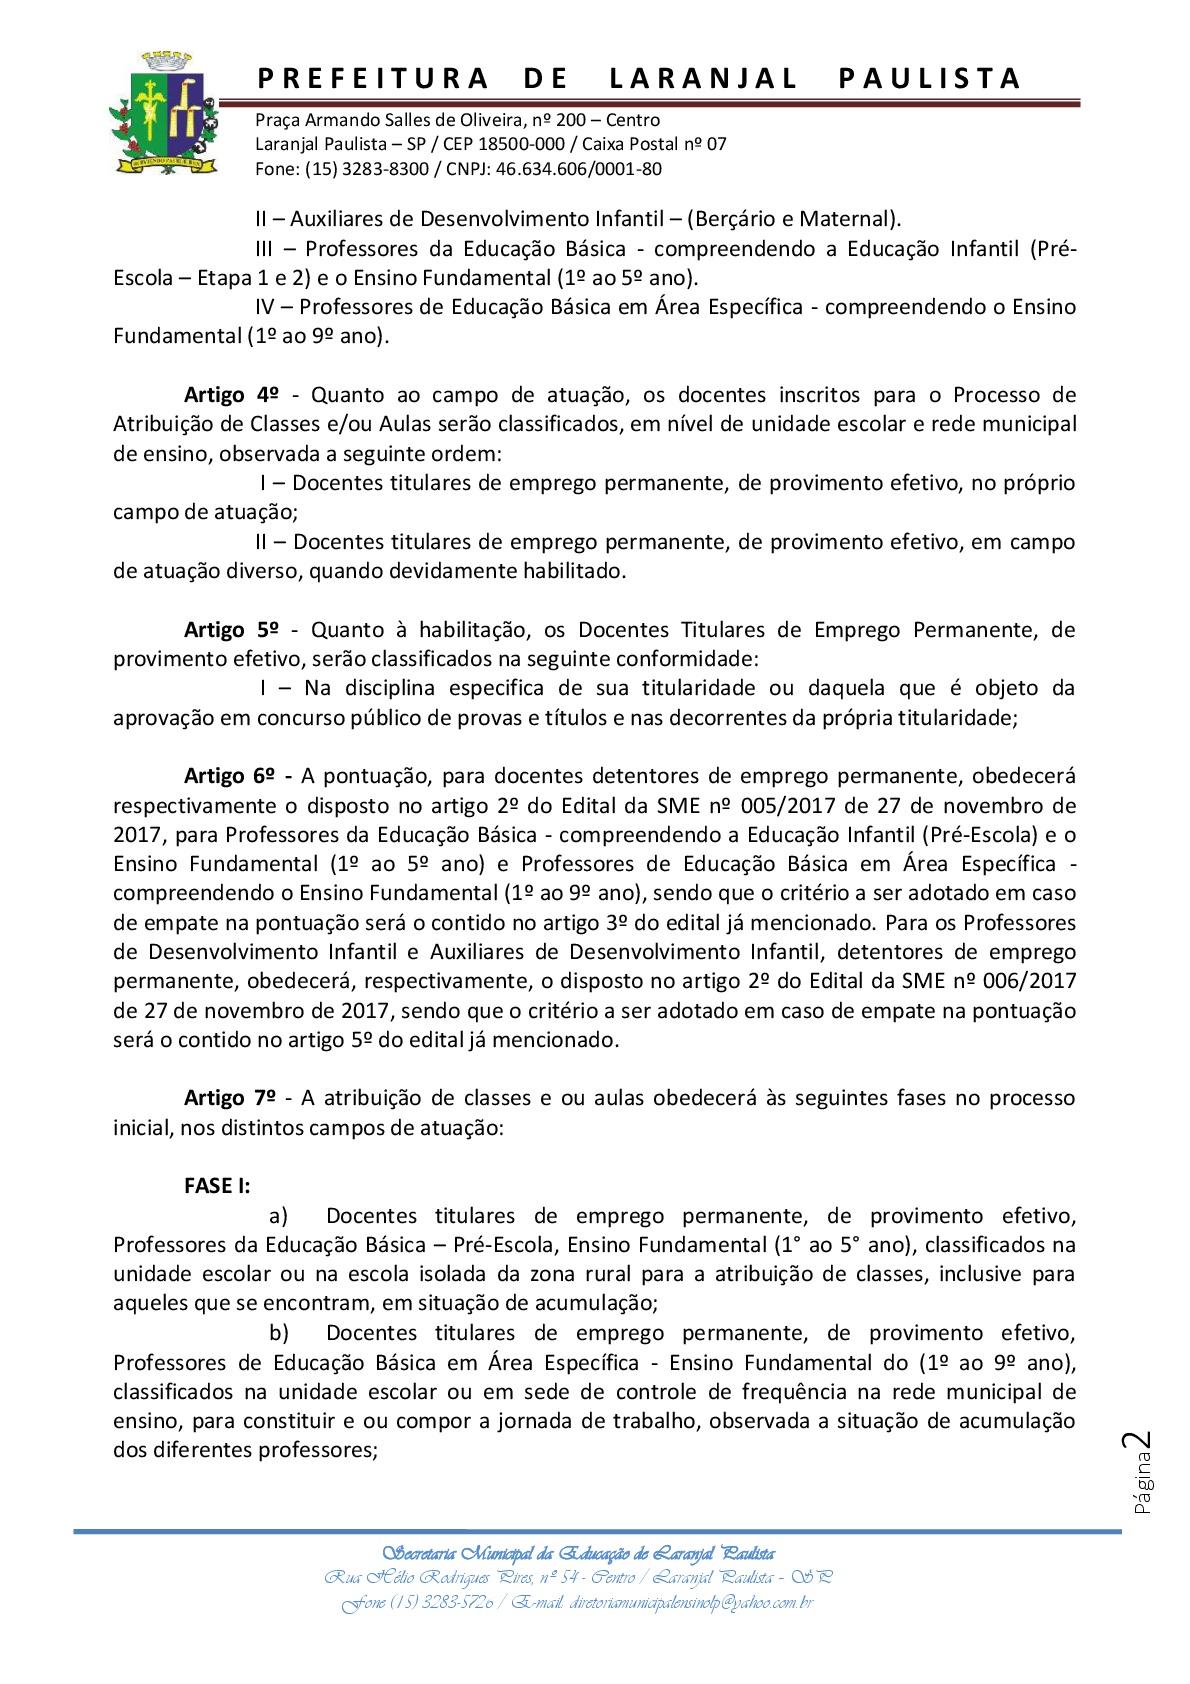 Instrução normativa SME nº 006/2017 - Diretrizes para atribuição de aulas-classes